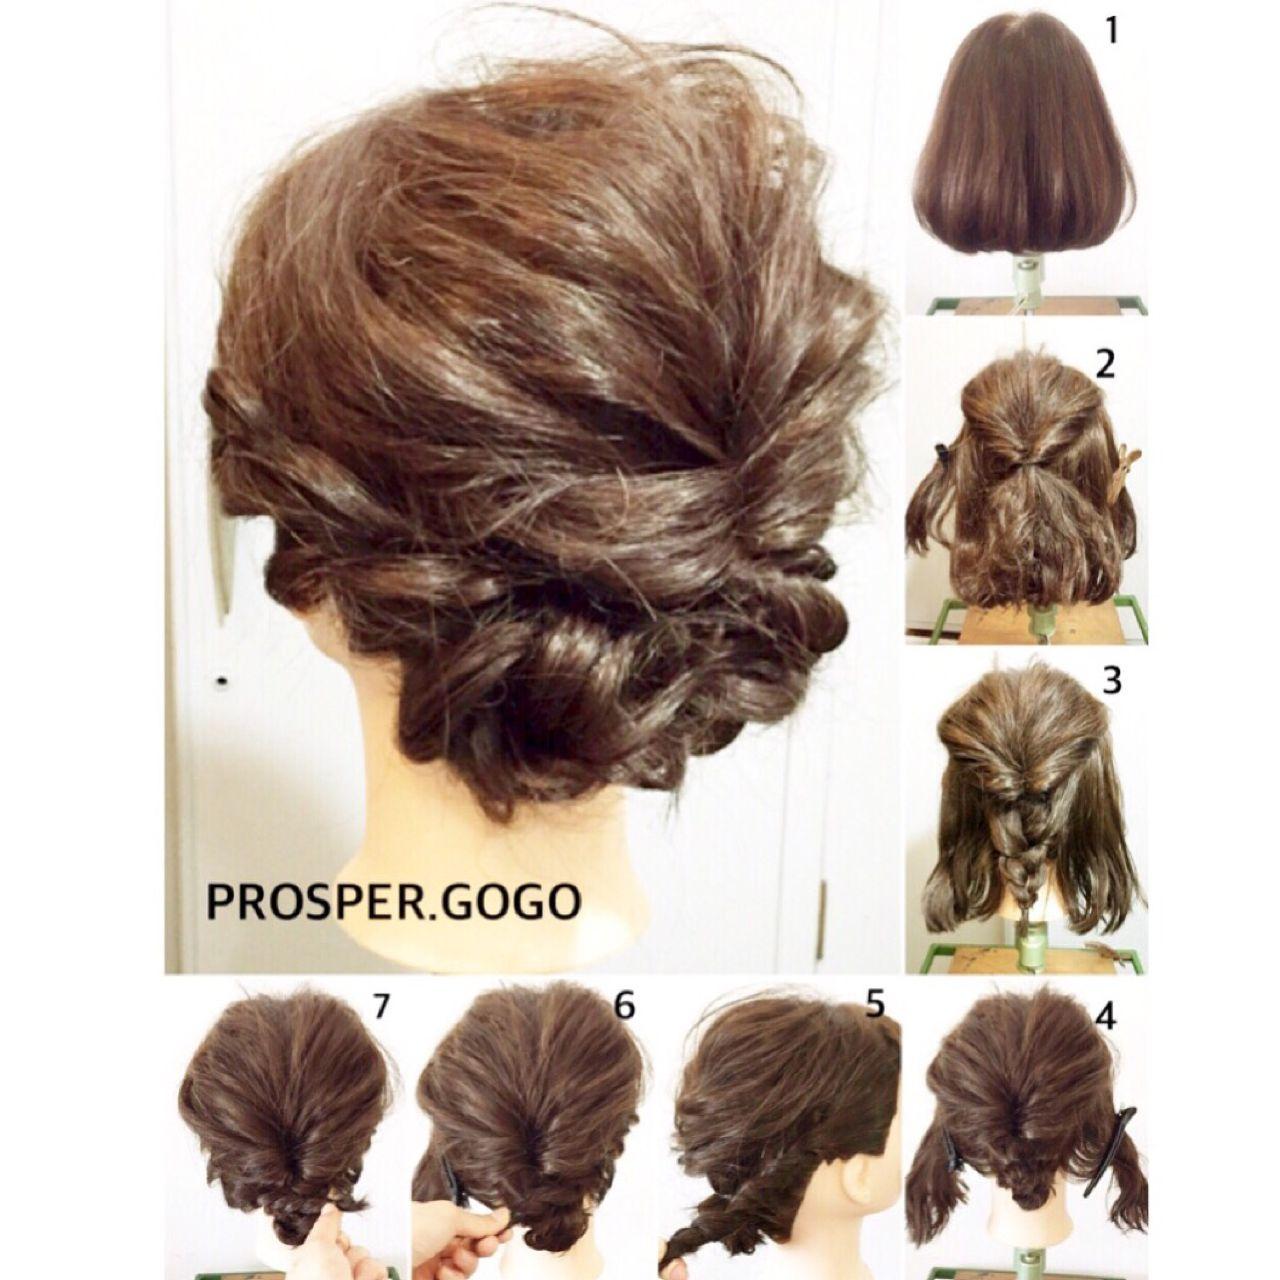 いつものボブを華麗にヘアアレンジ♡結婚式にも使える簡単髪型テク